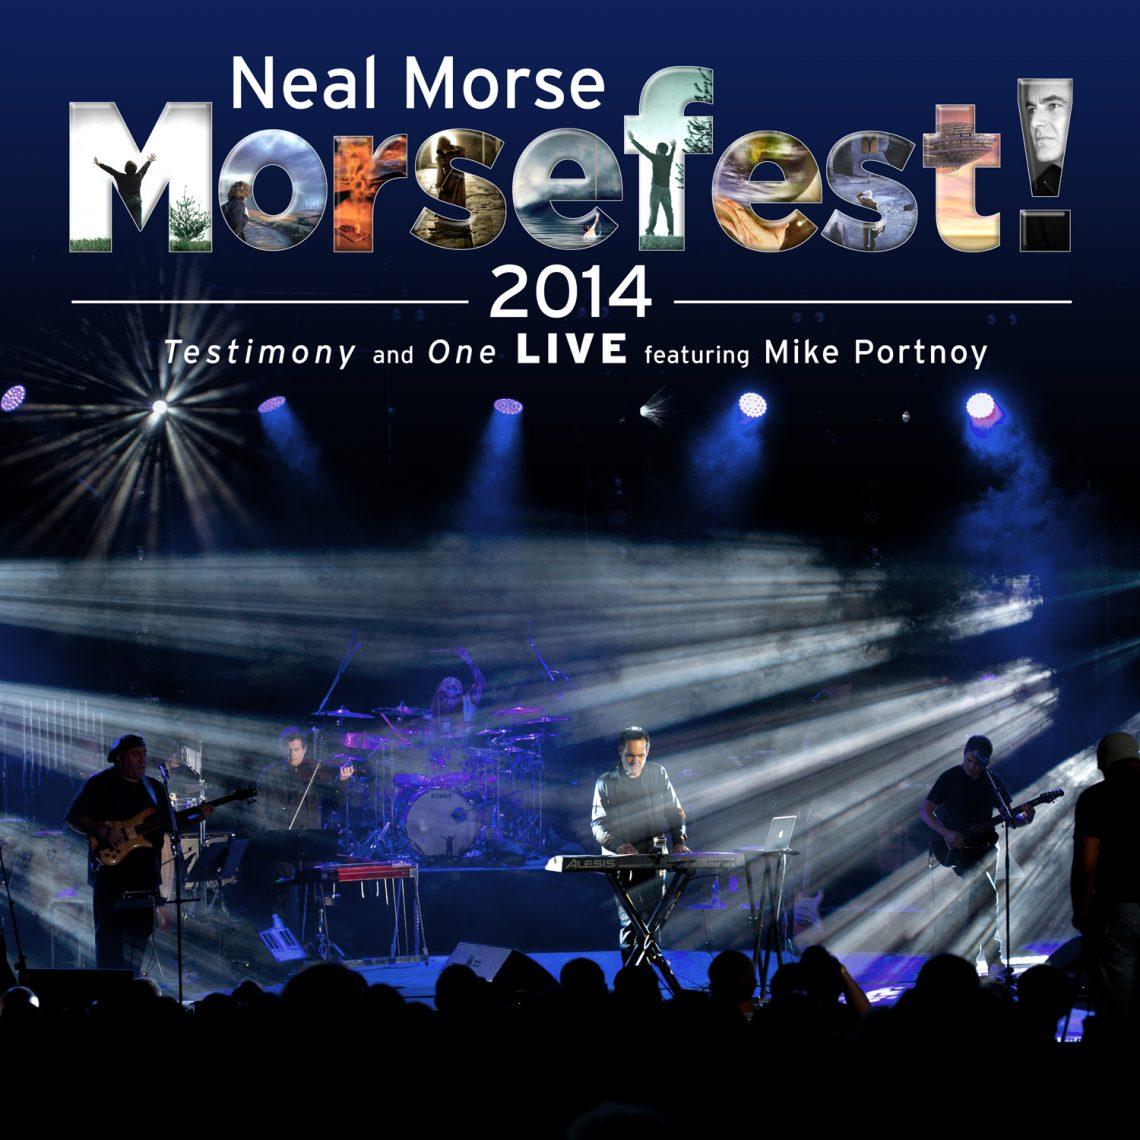 Neal Morse – Morsefest 2014 album & DVD review